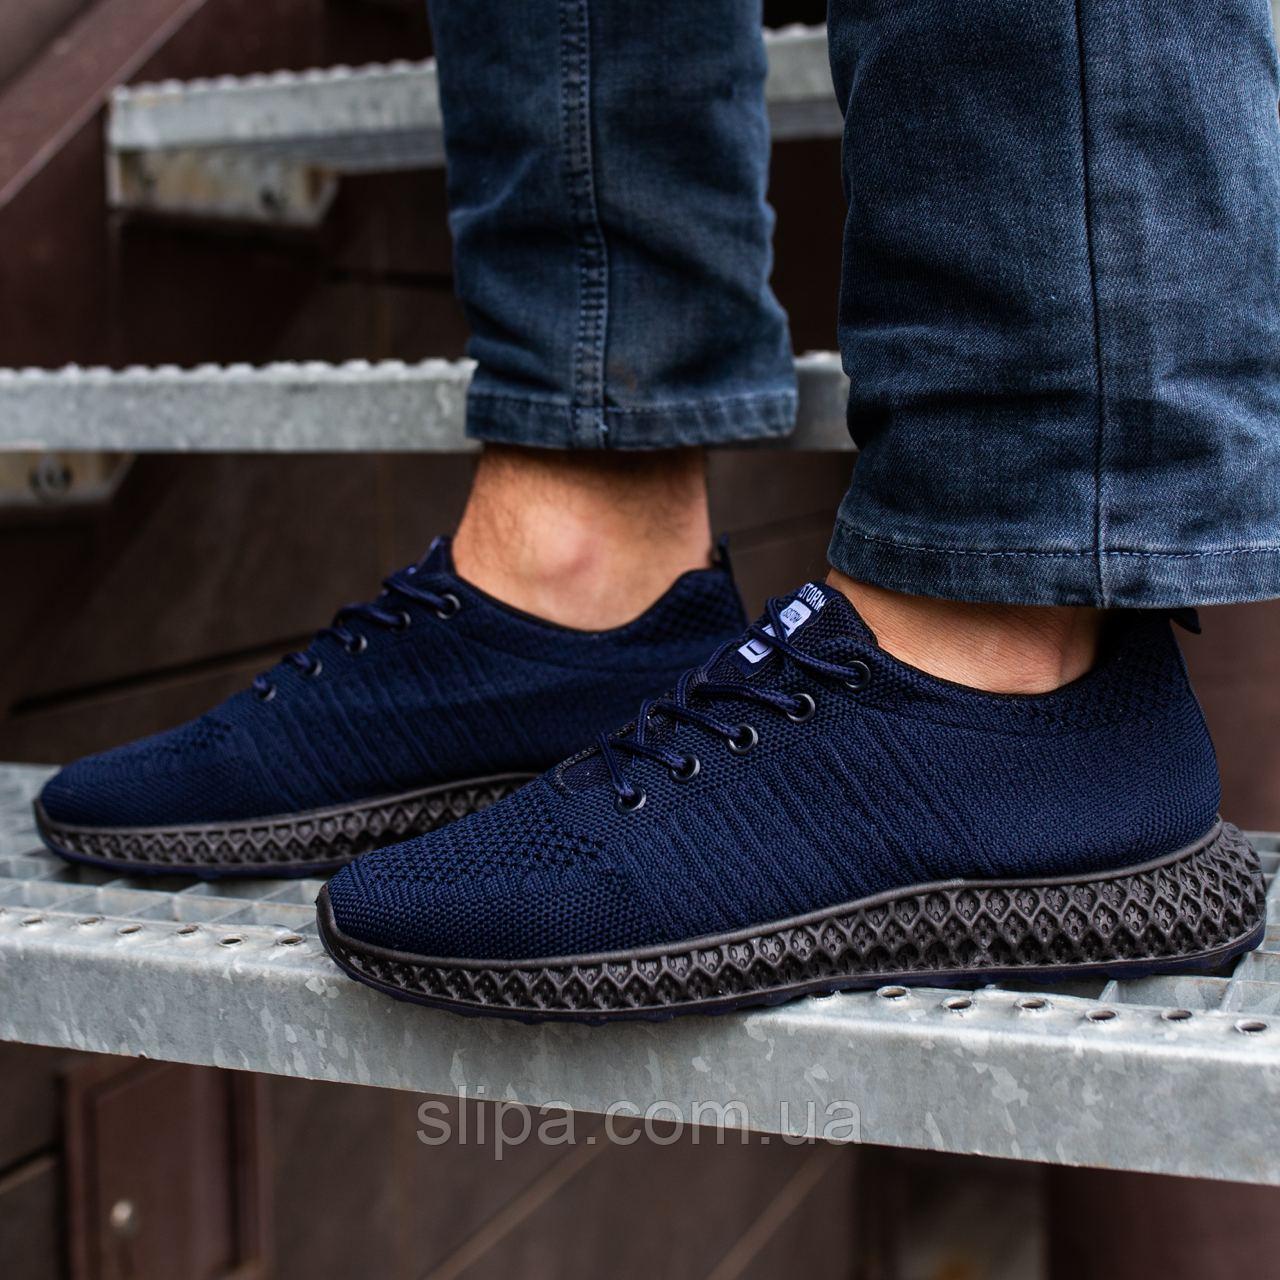 Сині текстильні кросівки чоловічі SOSTORM на чорній підошві | текстиль + гума